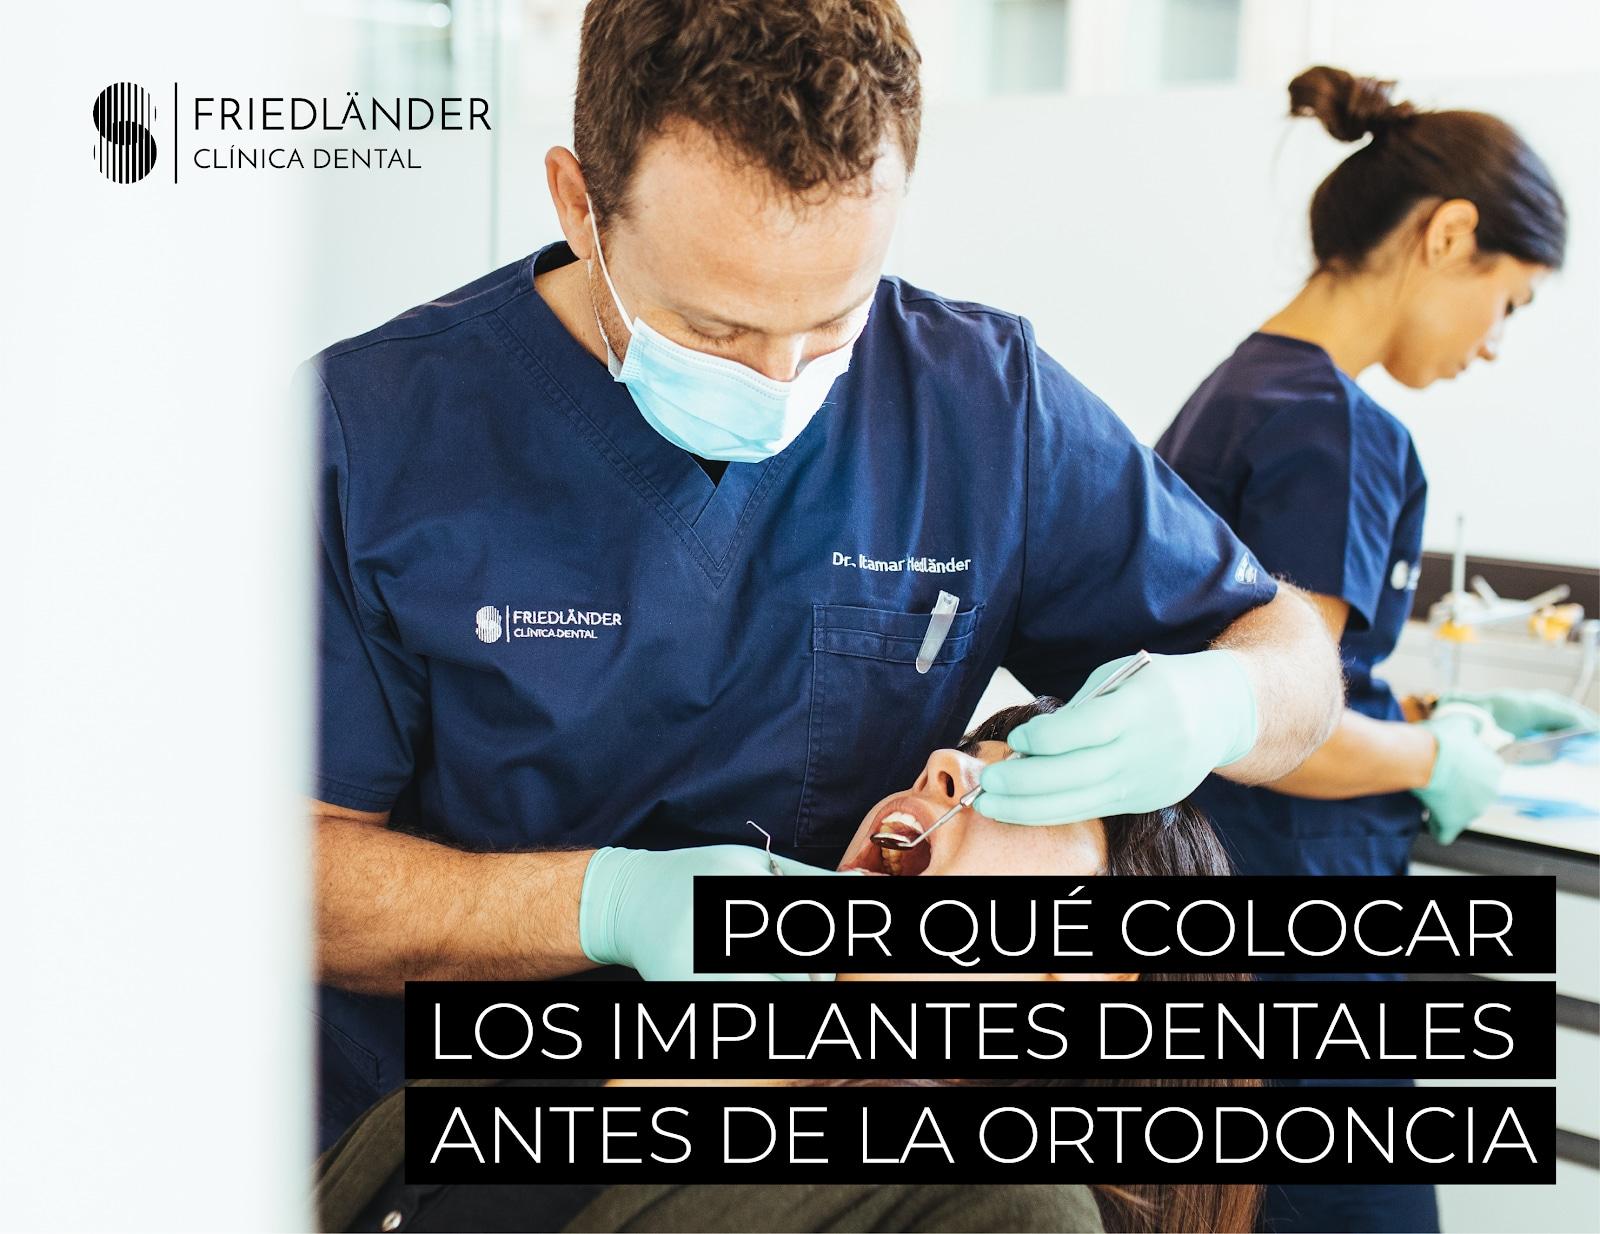 implantes dentales antes de la ortodoncia